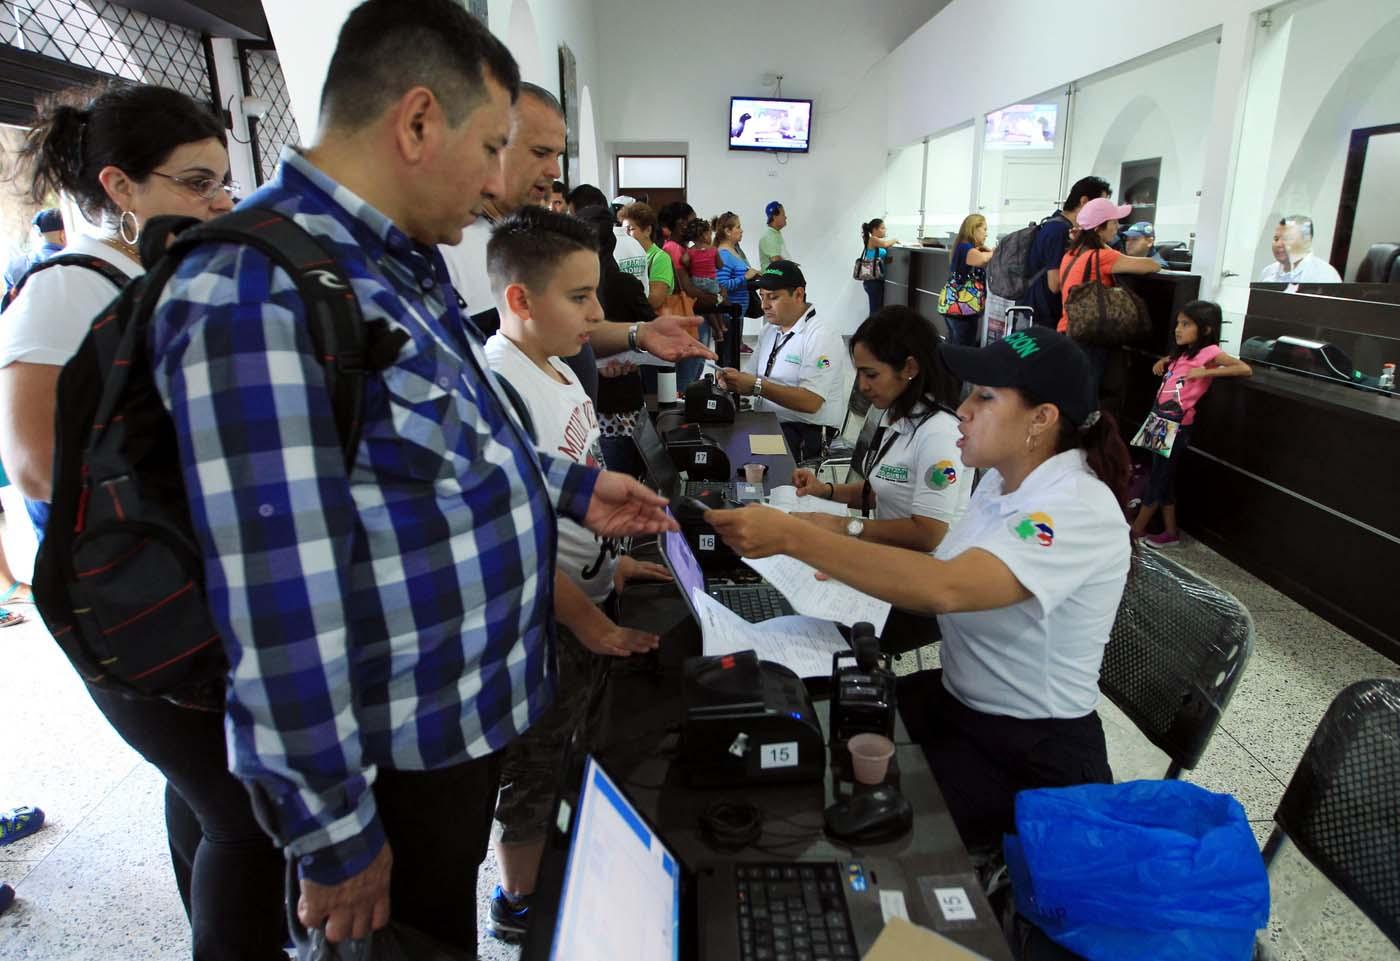 COL03. SAN ANTONIO (VENEZUELA), 13/08/2016.- Venezolanos realizan trámites migratorios para ingresar a Colombia hoy sábado 13 de agosto de 2016, desde San Antonio (Venezuela). Alrededor de 20.000 ciudadanos de Venezuela ingresaron hoy a Colombia durante las primeras cinco horas en las que permaneció abierta la frontera entre ambos países que llevaba casi un año cerrada, informaron fuentes oficiales. EFE/MAURICIO DUEÑAS CASTAÑEDA